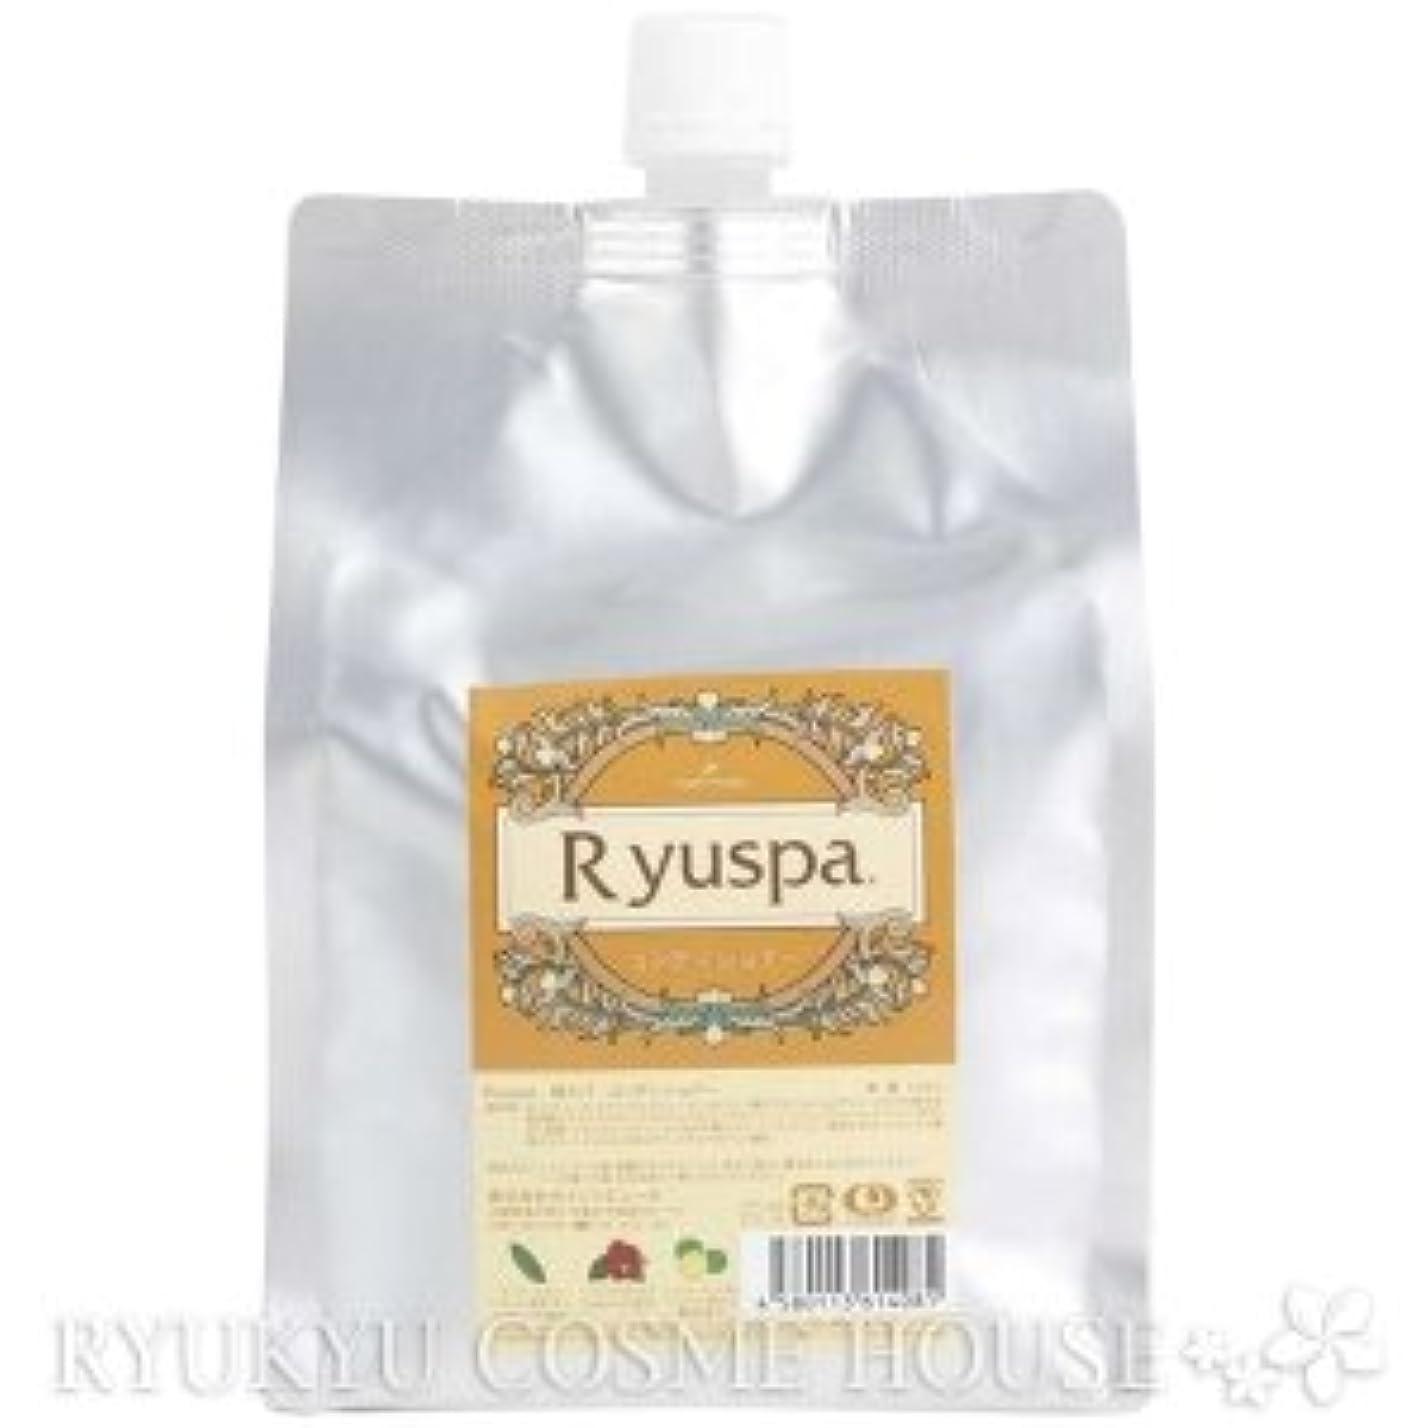 繰り返す違反するなにRyuspa リュウスパ コンディショナー 1000ml